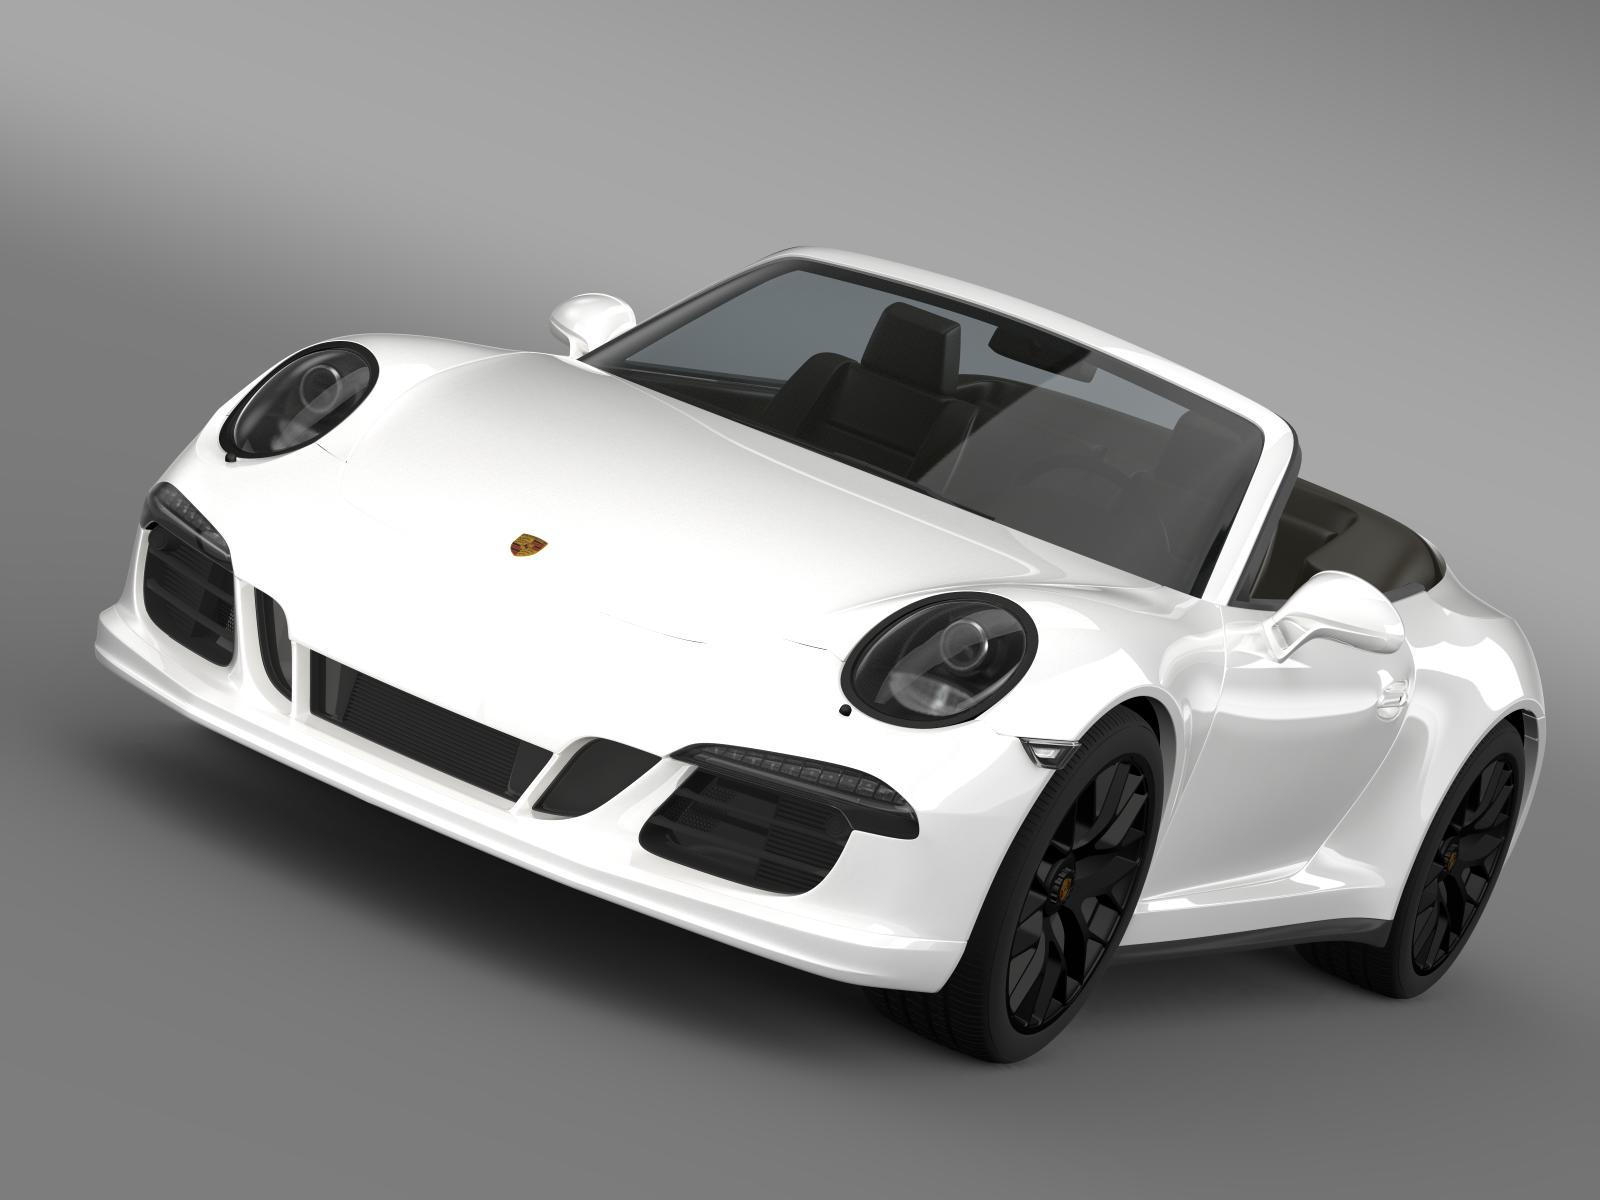 porsche 911 carrera 4 gts cabriolet 991 2015 3d model 3ds max fbx c4d lwo ma mb hrc xsi obj 164748